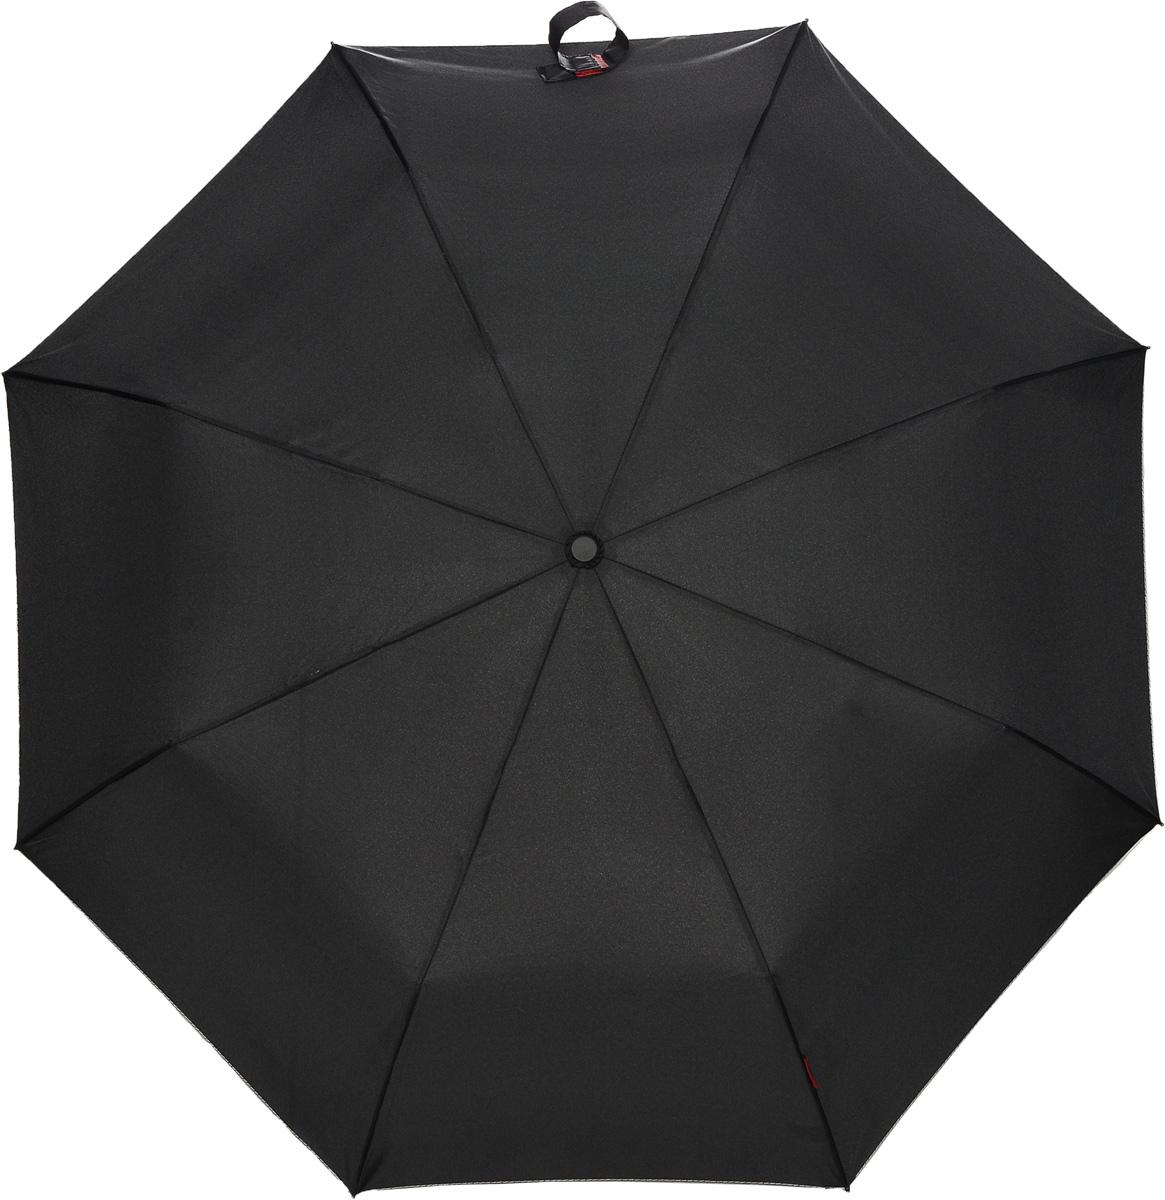 Bisetti 3212-1 Зонт полный автом. 3 сл. муж.3212-1Зонт испанского производителя Clima. В производстве зонтов используются современные материалы, что делает зонты легкими, но в то же время крепкими.Полный автомат, 3 сложения, 8 спиц по 55см, полиэстер.